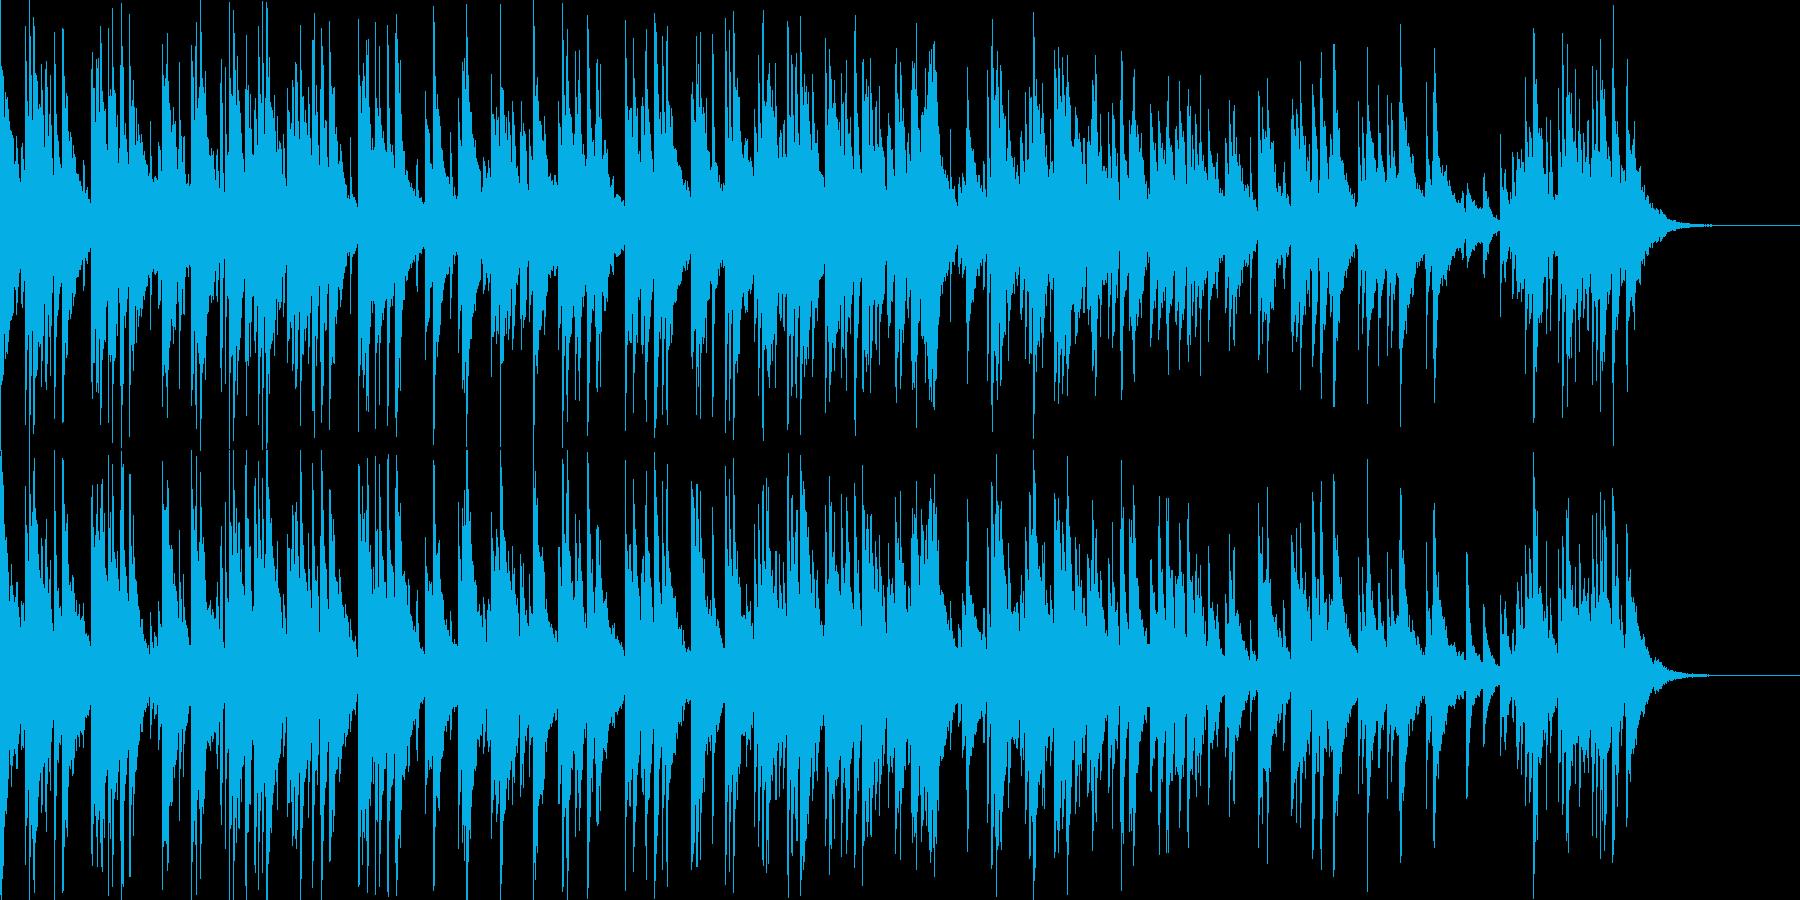 和風 琴とピアノのフュージョン 爽やかの再生済みの波形